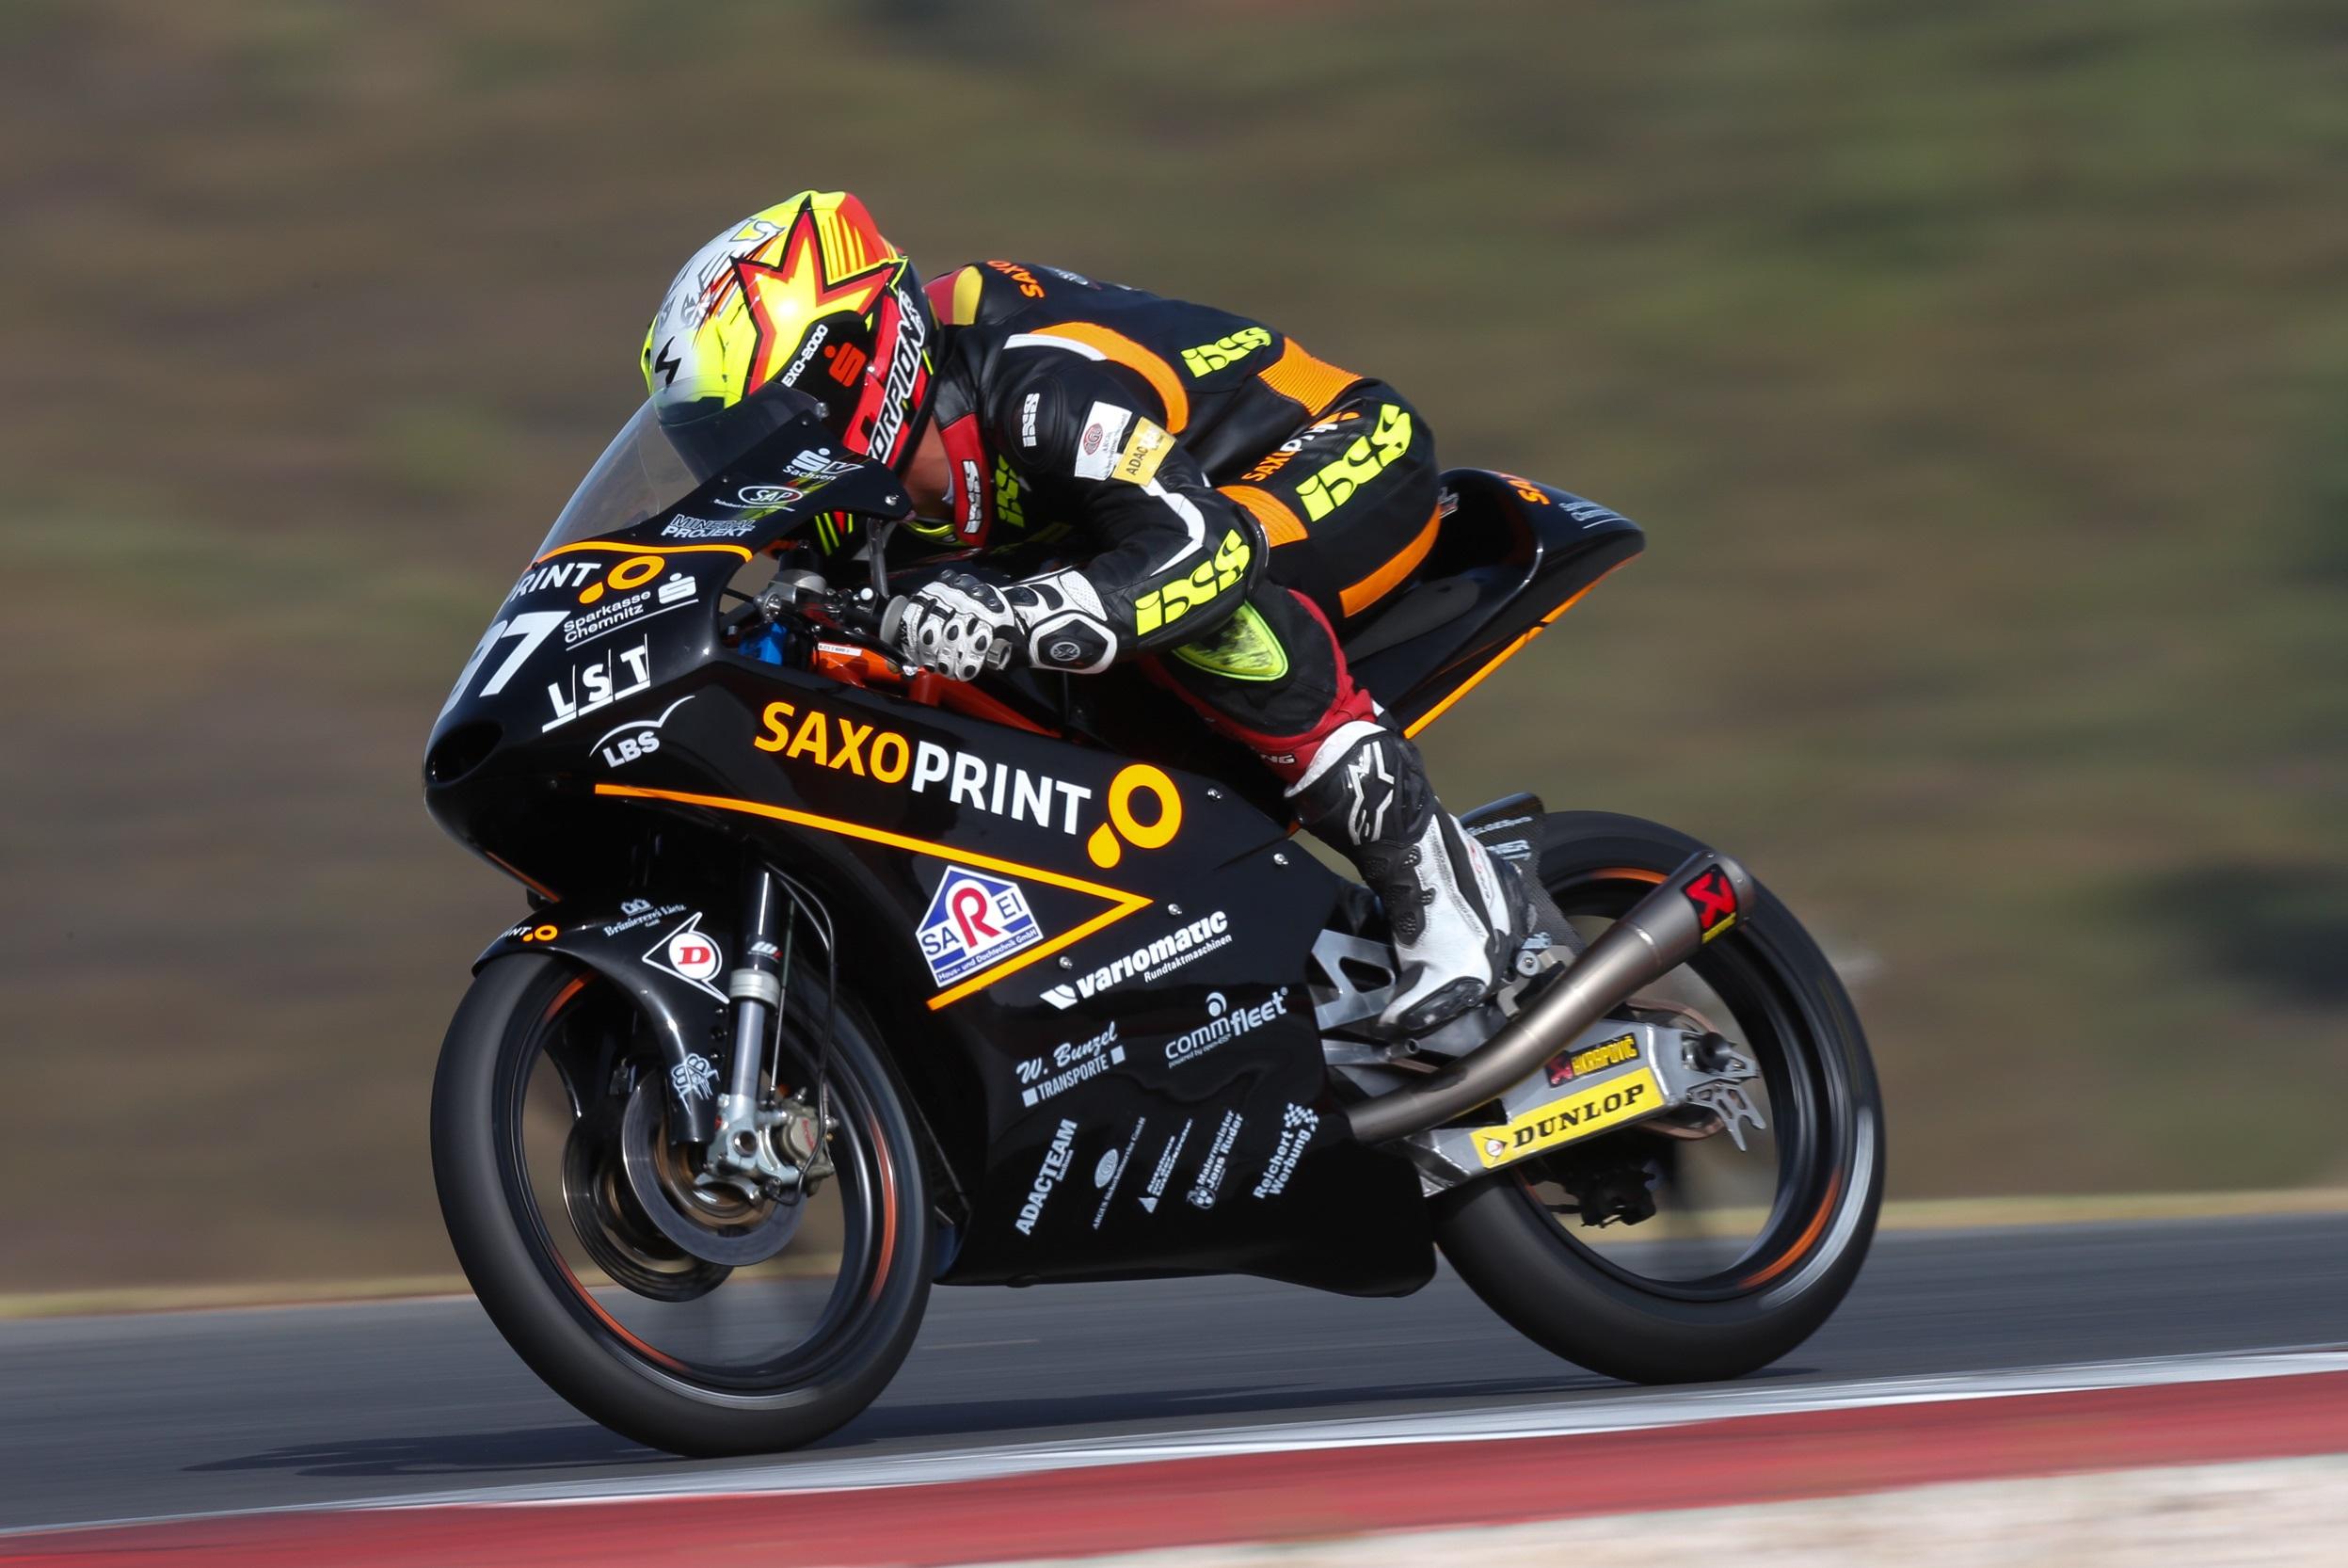 Max Kappler mit Punkterang in der Moto3 zur FIM CEV Repsol 2016 auf dem Circuito do Algarve